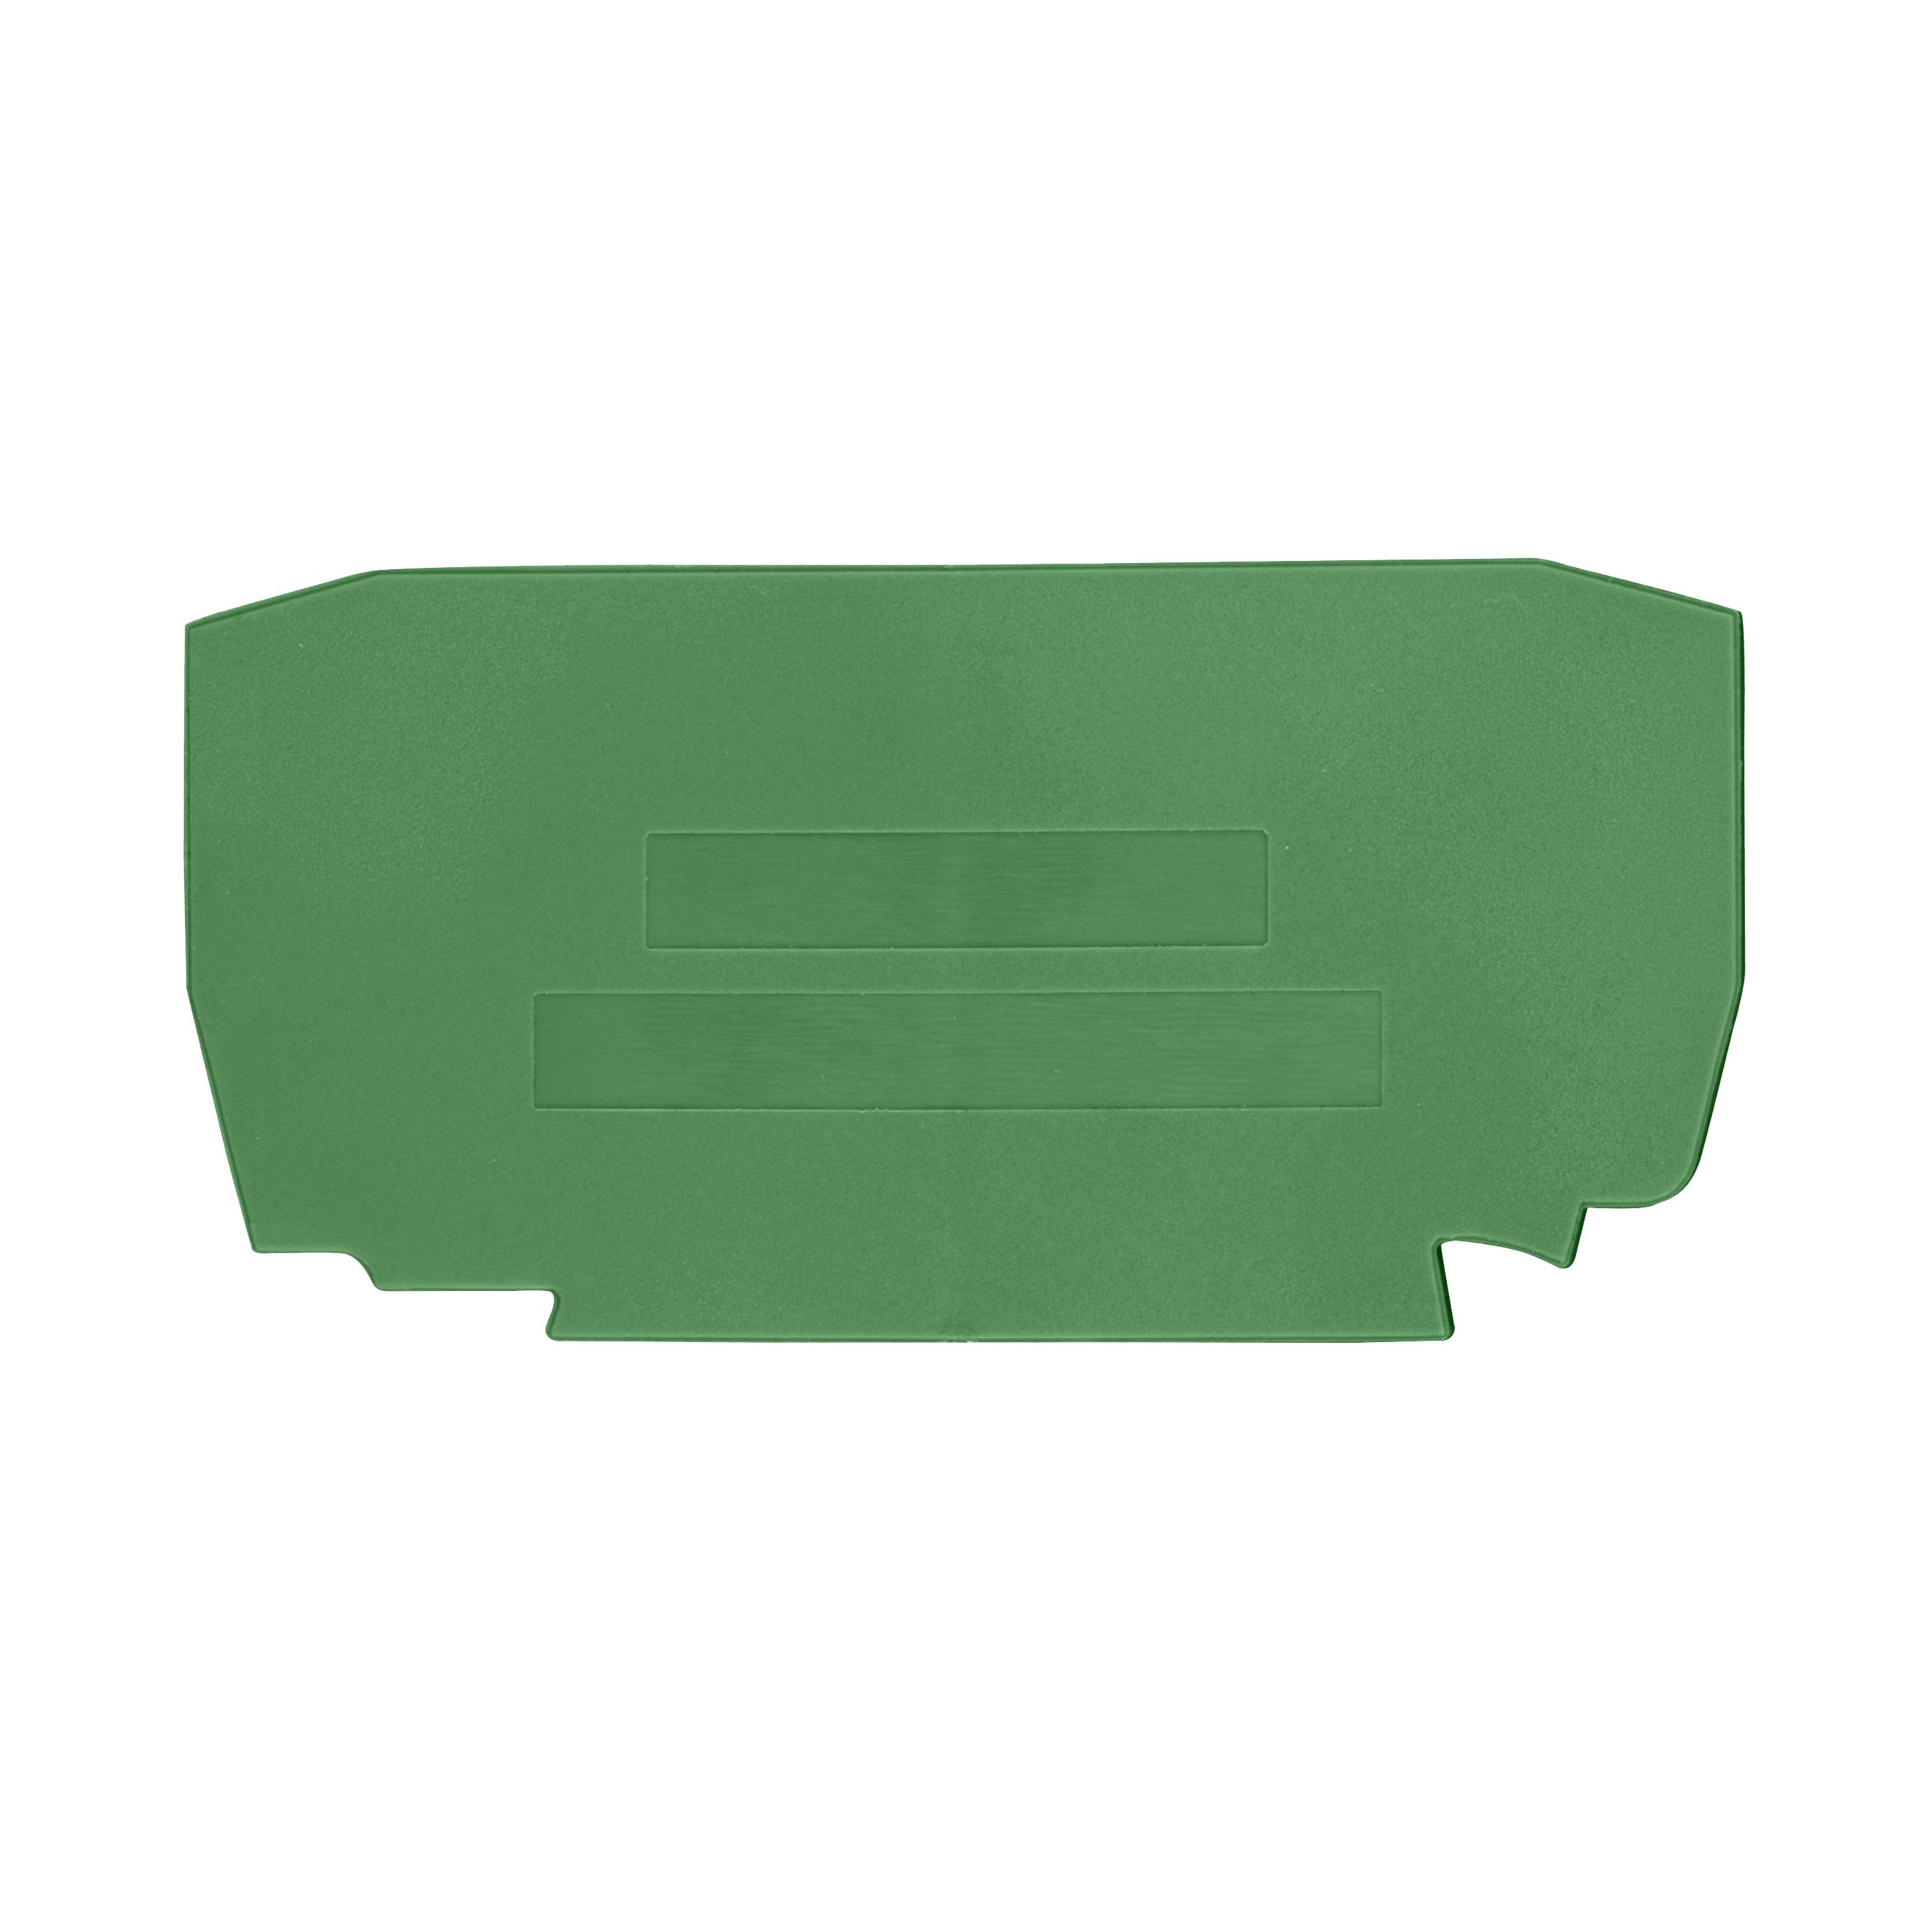 1 Stk Endplatte für Federkraftklemme Type YBK 4mm² grün IK632204--